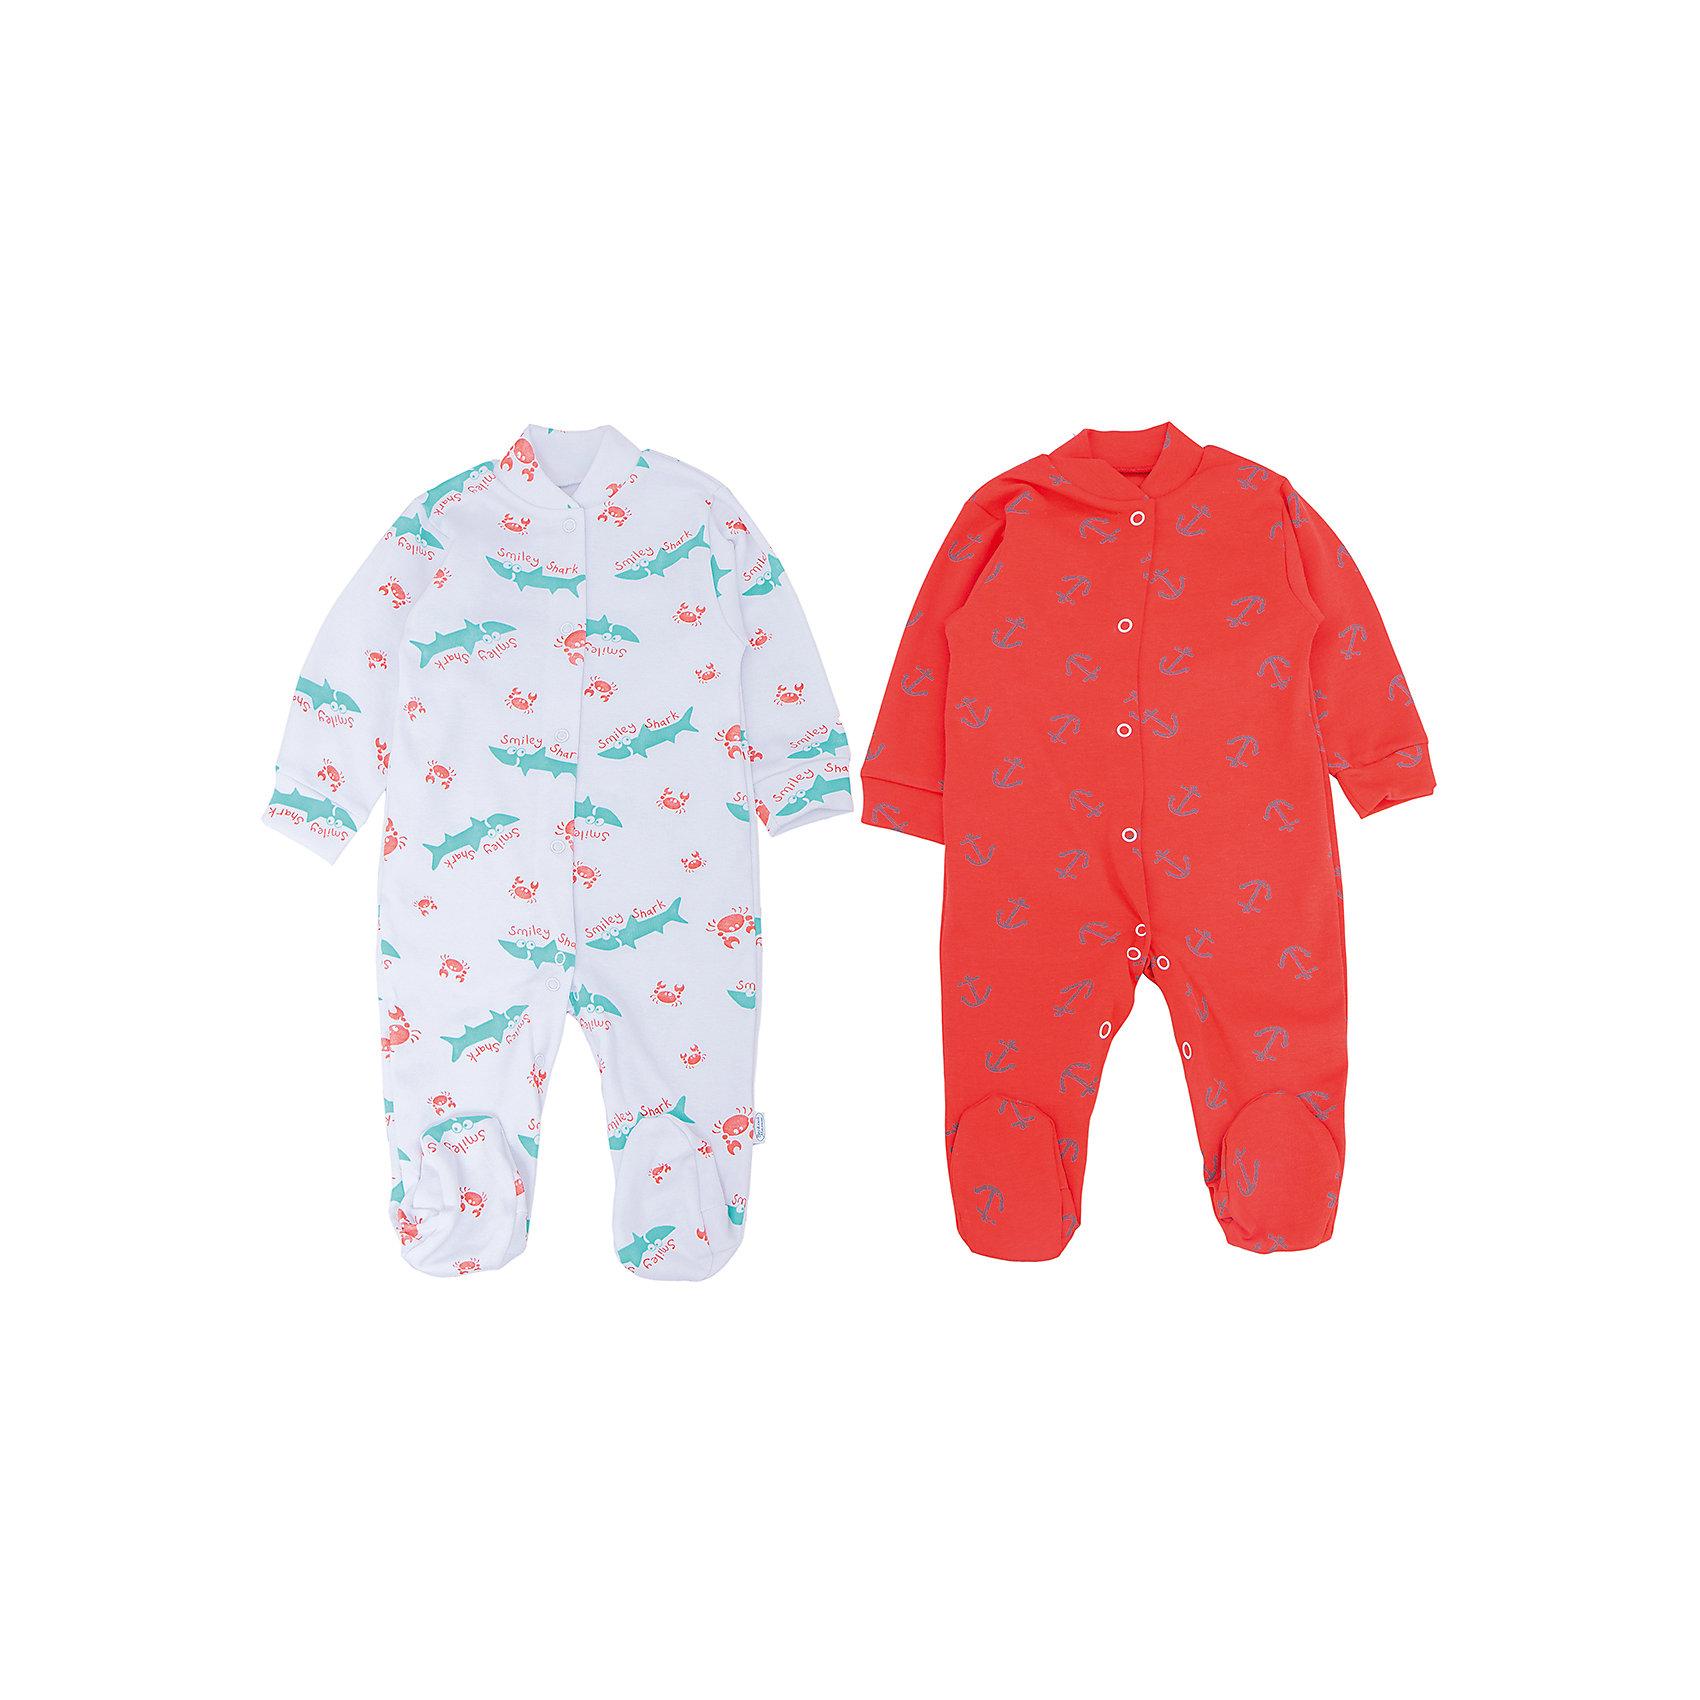 Комбинезон, 2 шт. Веселый малышВ заботе о ребенке важно всё! Одежда для малышей должна быть удобной и качественной - это один из необходимых факторов для правильного развития и хорошего самочувствия ребенка.<br>Эти комбинезоны отличаются высоким качеством швов, продуманным кроем, что позволяет им хорошо фиксироваться на теле малыша, не сползать и не натирать. Застежки - удобные кнопки, которые не мешают ребенку. Материал - интерлок. Это плотная ткань из натурального хлопка, гладкая, приятная на ощупь, дышащая и гипоаллергенная. Расцветка изделий позволяет легко комбинировать их с различной одеждой. В наборе - два комбинезона разных цветов.<br><br>Дополнительная информация:<br><br>материал: 100% хлопок интерлок;<br>застежки: кнопки;<br>длинный рукав;<br>комплектация: 2 комбинезона.<br><br>Комплект комбинезонов от бренда Веселый малыш можно купить в нашем магазине.<br><br>Ширина мм: 157<br>Глубина мм: 13<br>Высота мм: 119<br>Вес г: 200<br>Цвет: оранжевый<br>Возраст от месяцев: 12<br>Возраст до месяцев: 15<br>Пол: Унисекс<br>Возраст: Детский<br>Размер: 80,56,62,68,74<br>SKU: 4810268